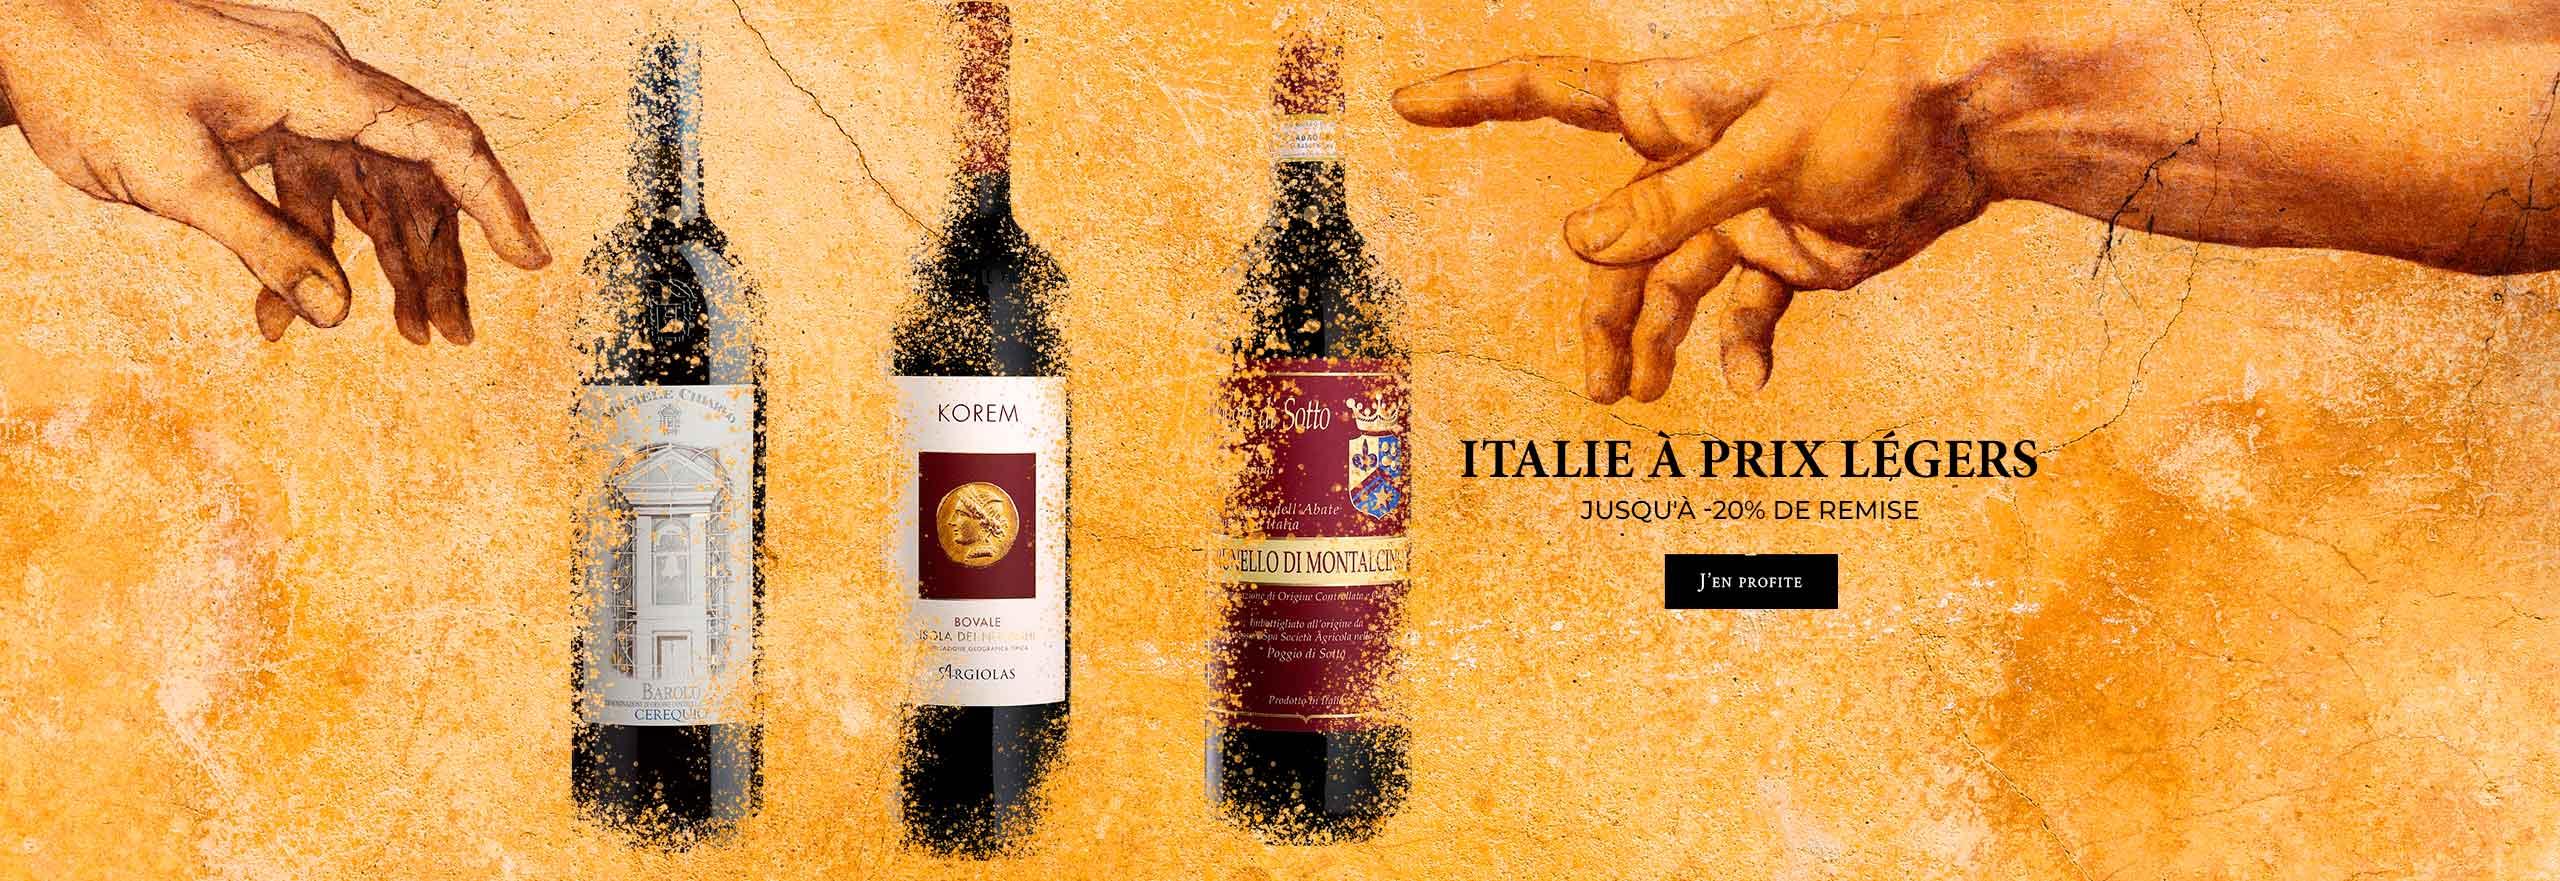 Jusqu'à -20% sur plus de 70 références italiennes !